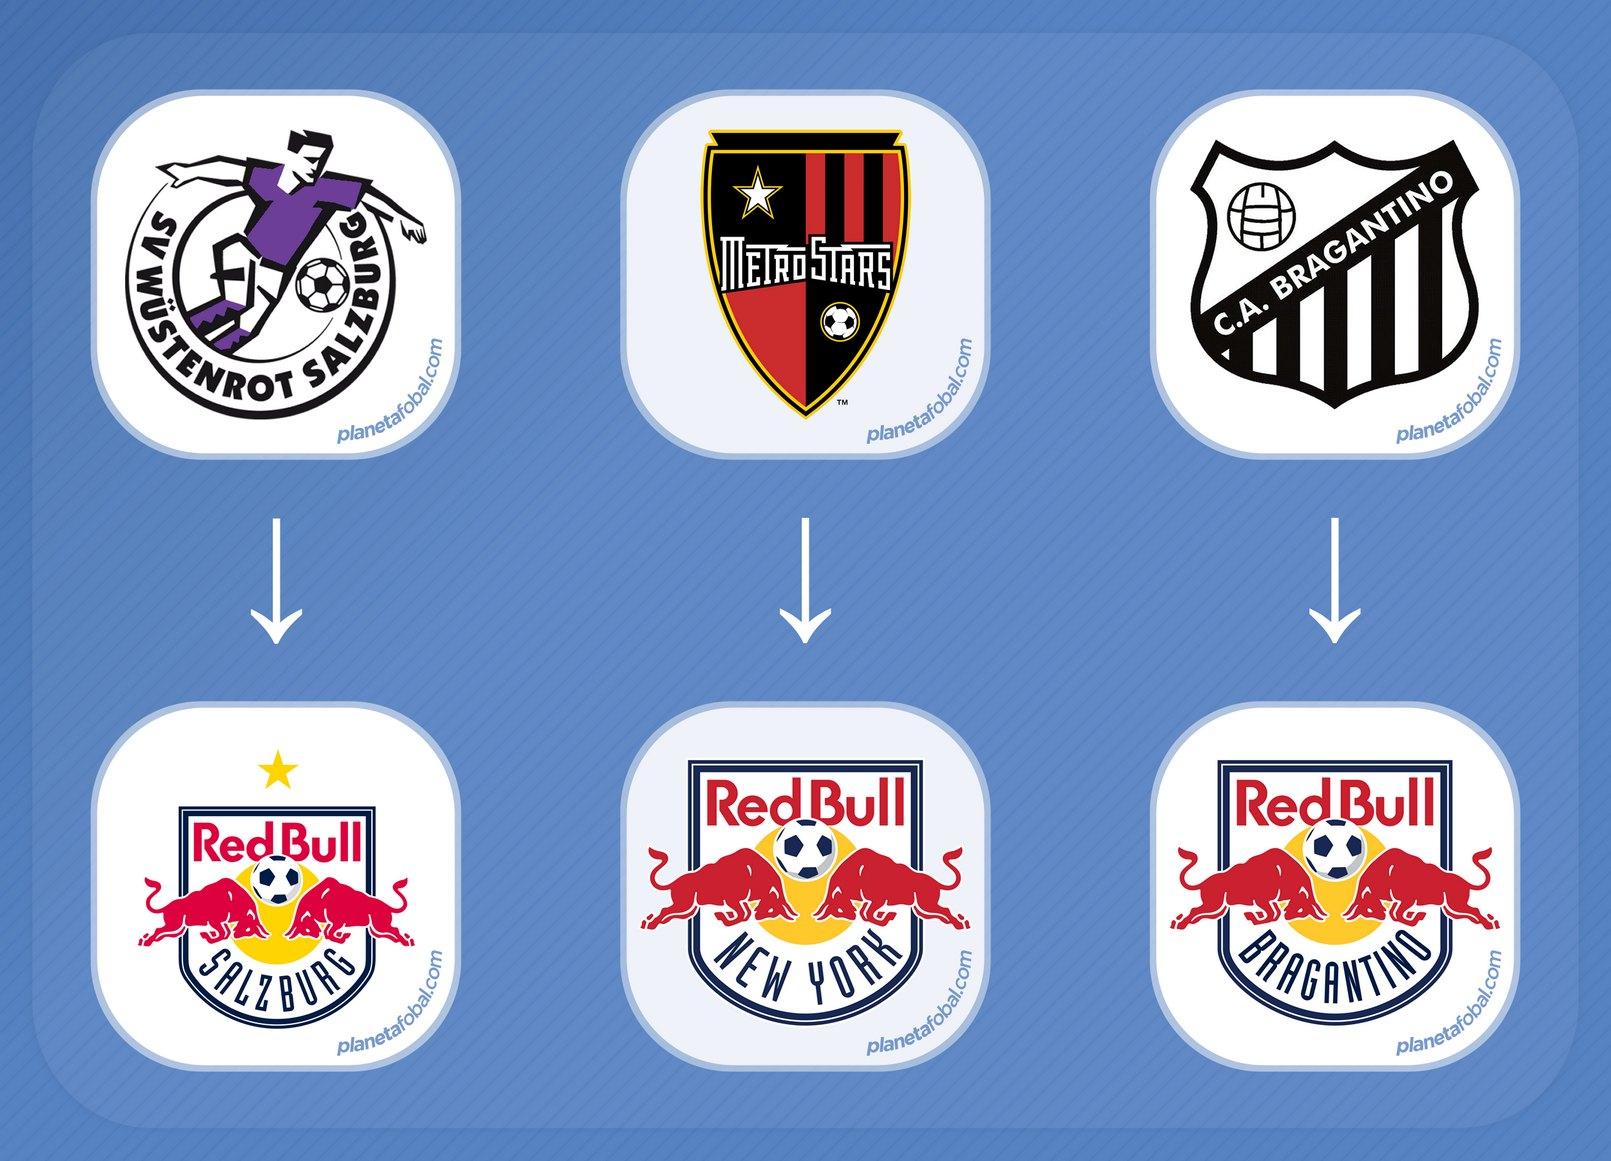 Los escudos antes y después de integrar el grupo Red Bull